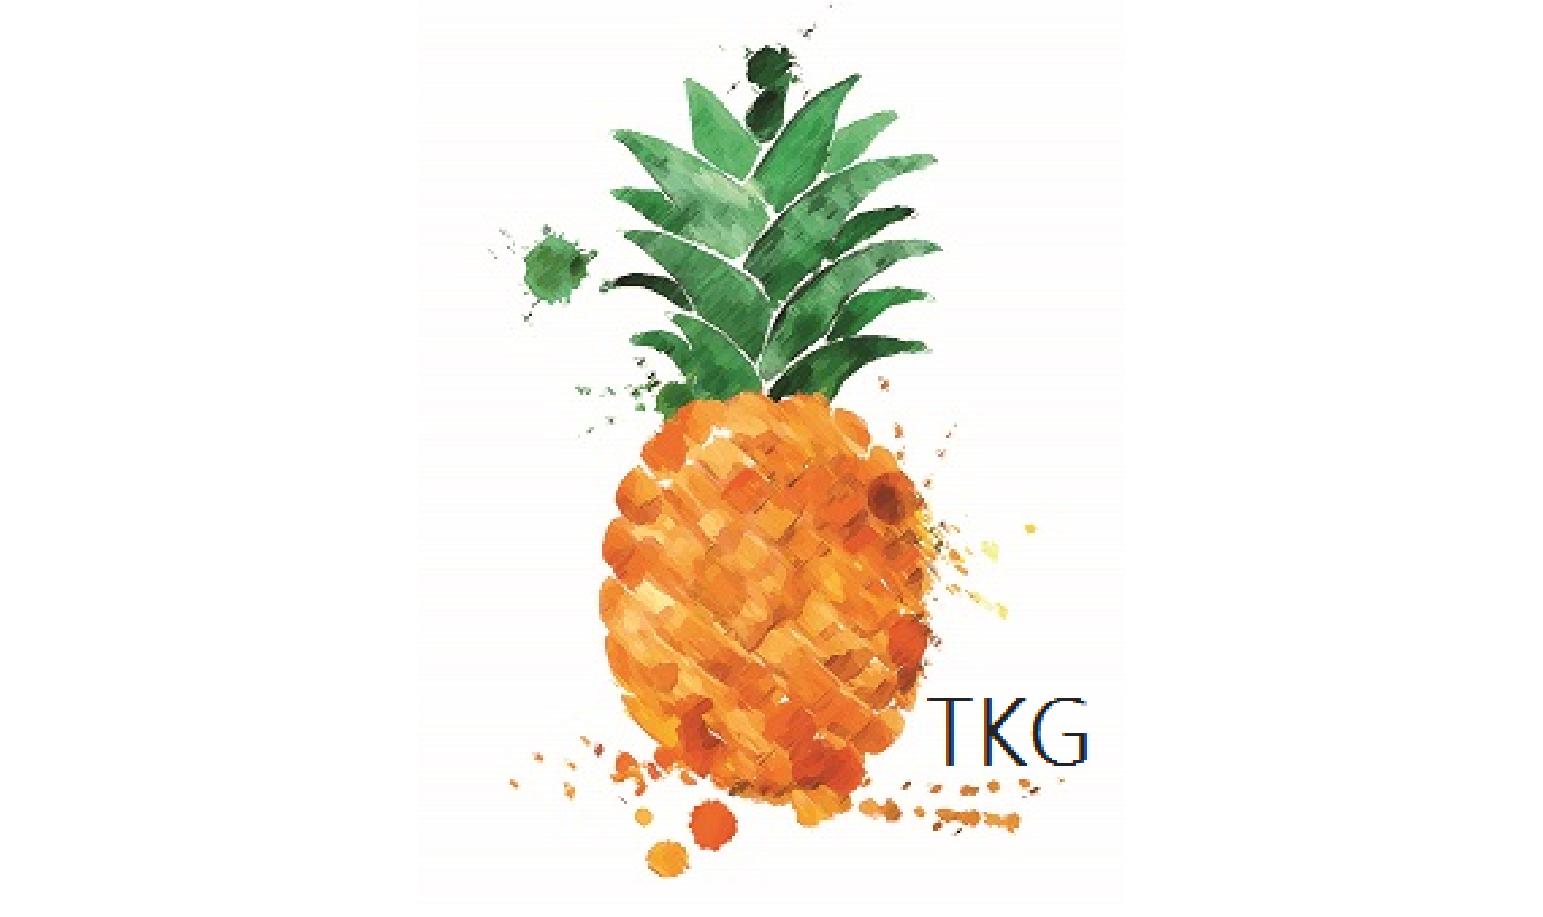 Ten K Group Logo